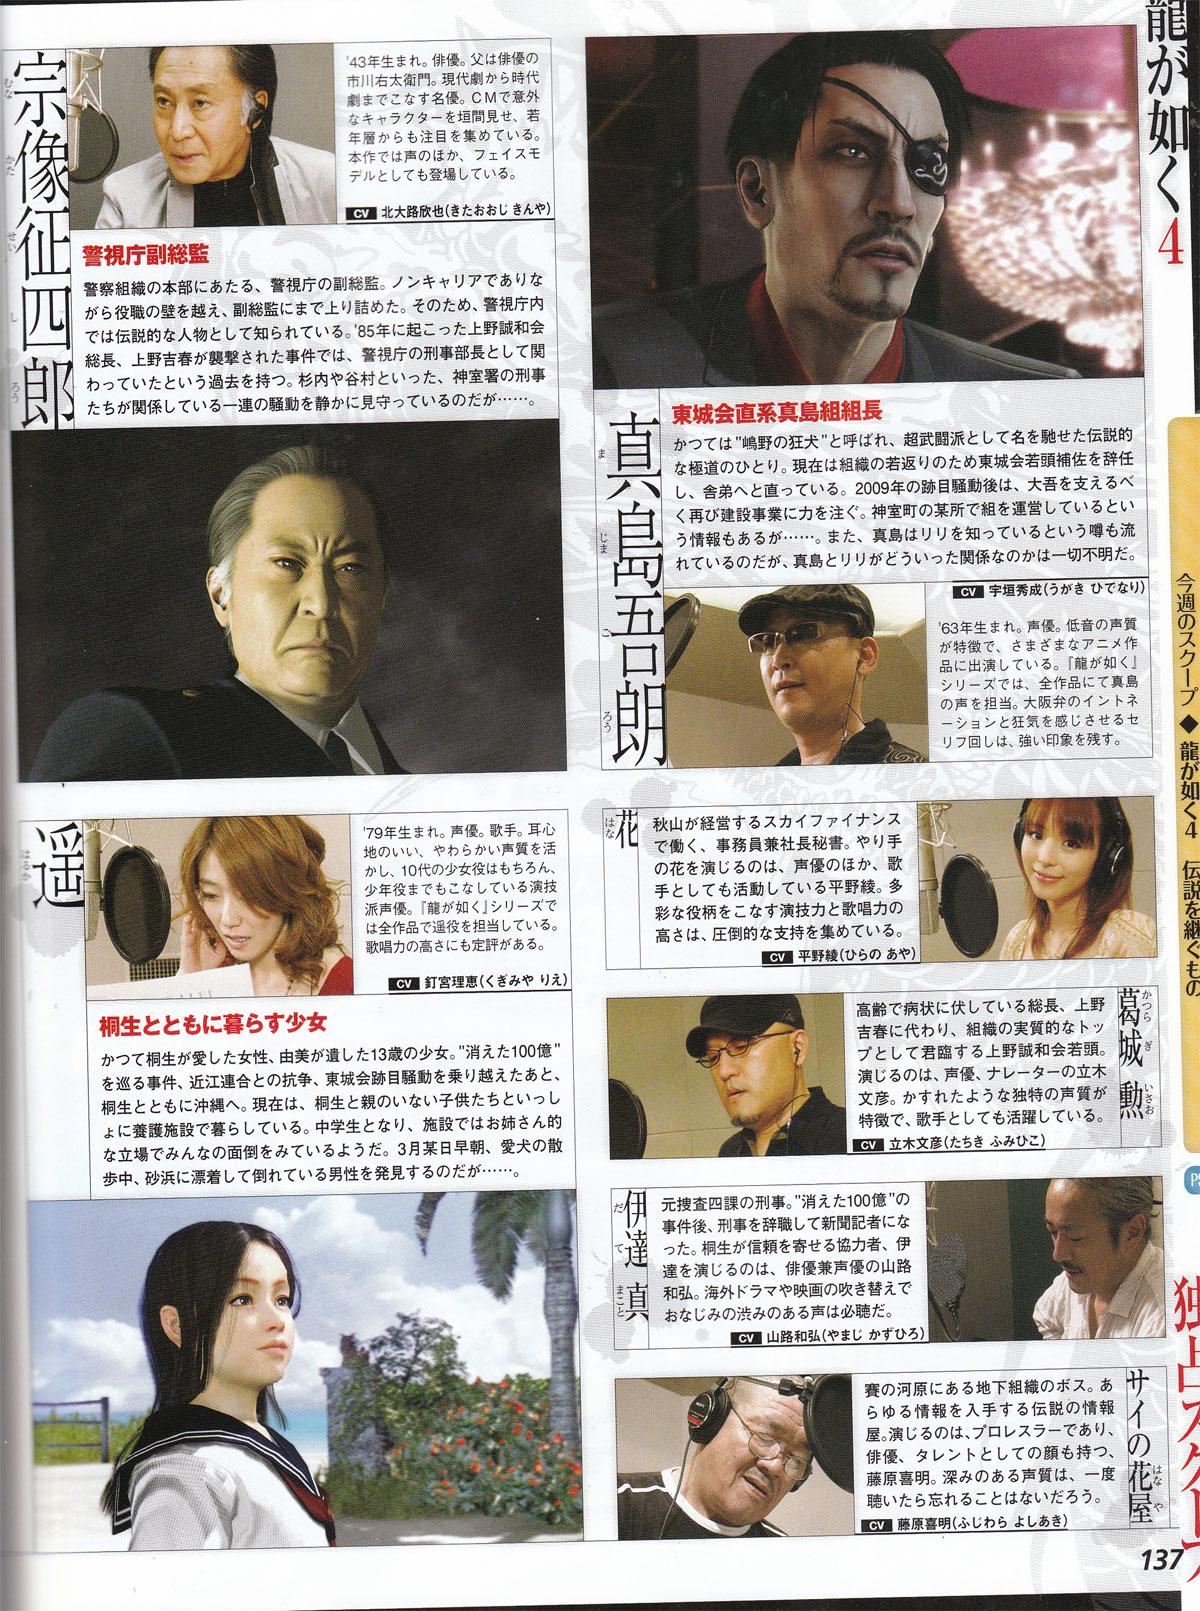 Ryu ga Gotoku 4 Famitsu 22-09-09 001